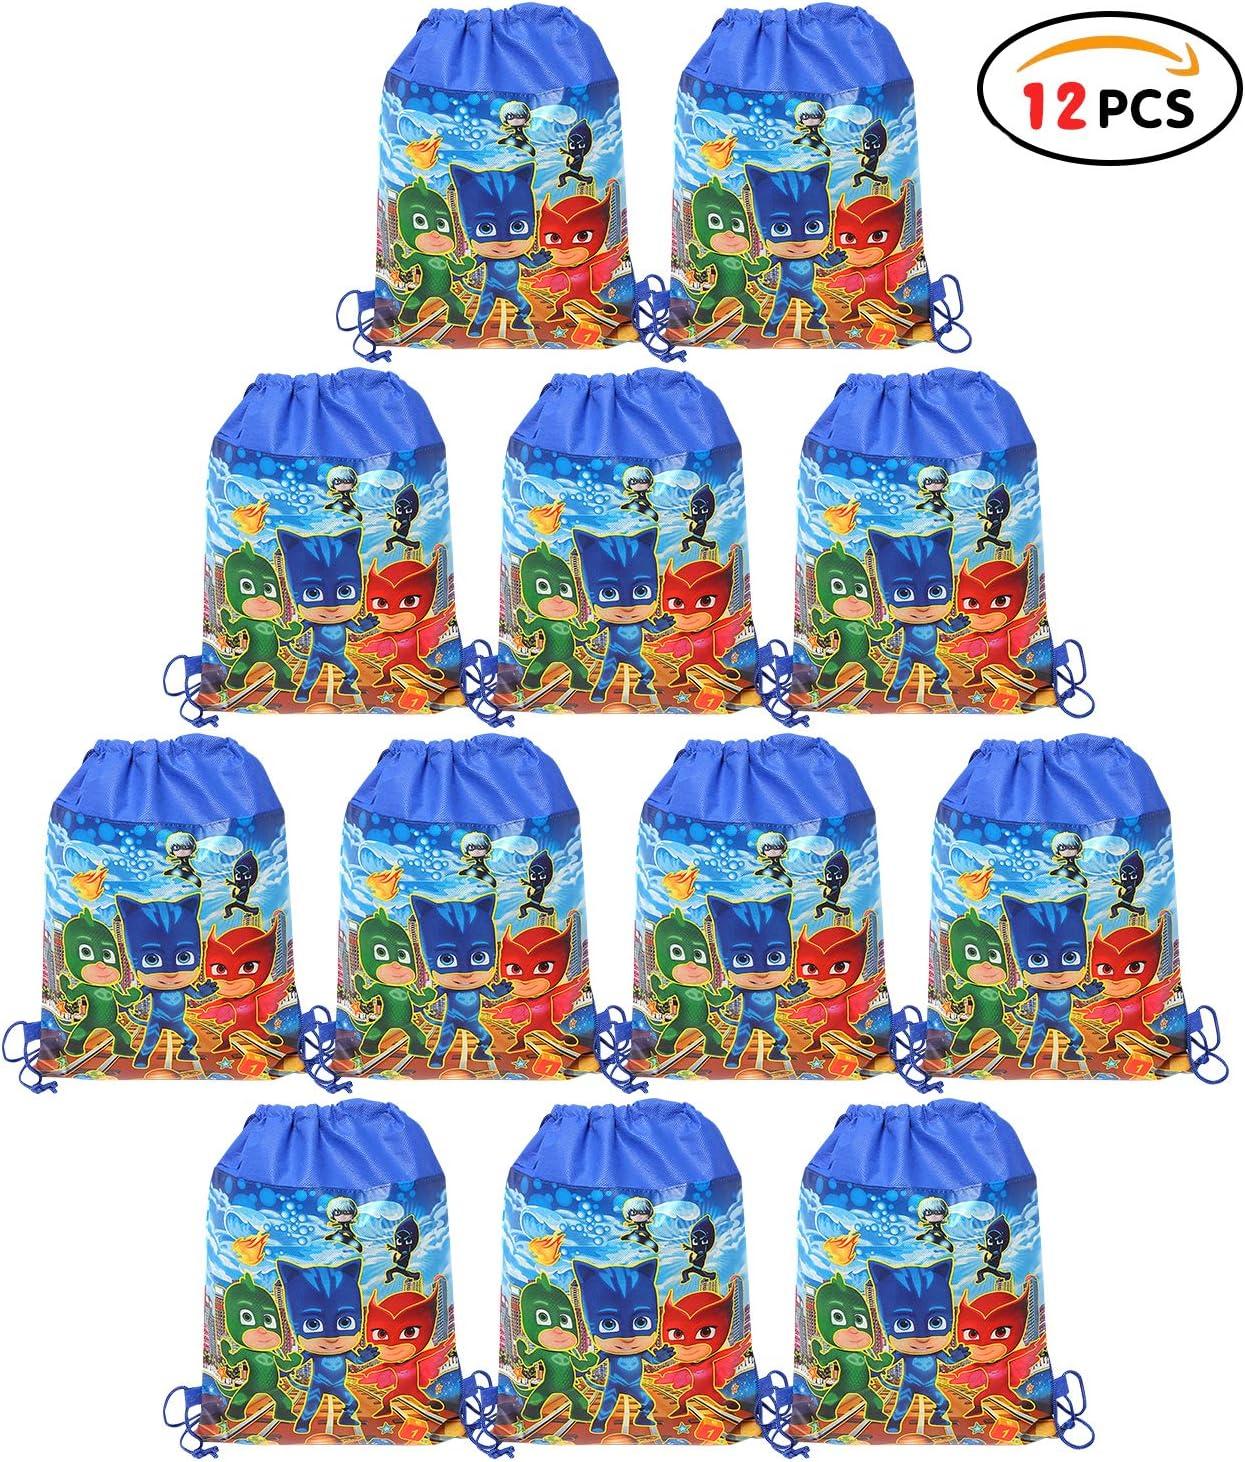 Dessin anim/é Sac /à Dos Sacs /à Cordon Sac de Gym Gar/çons Filles pour Th/ème D/écorations Sac Cadeau de F/ête Anniversaire No/ël Sacs de f/ête Qemsele 12 Pi/èces Sac de f/ête pour Enfant Aven